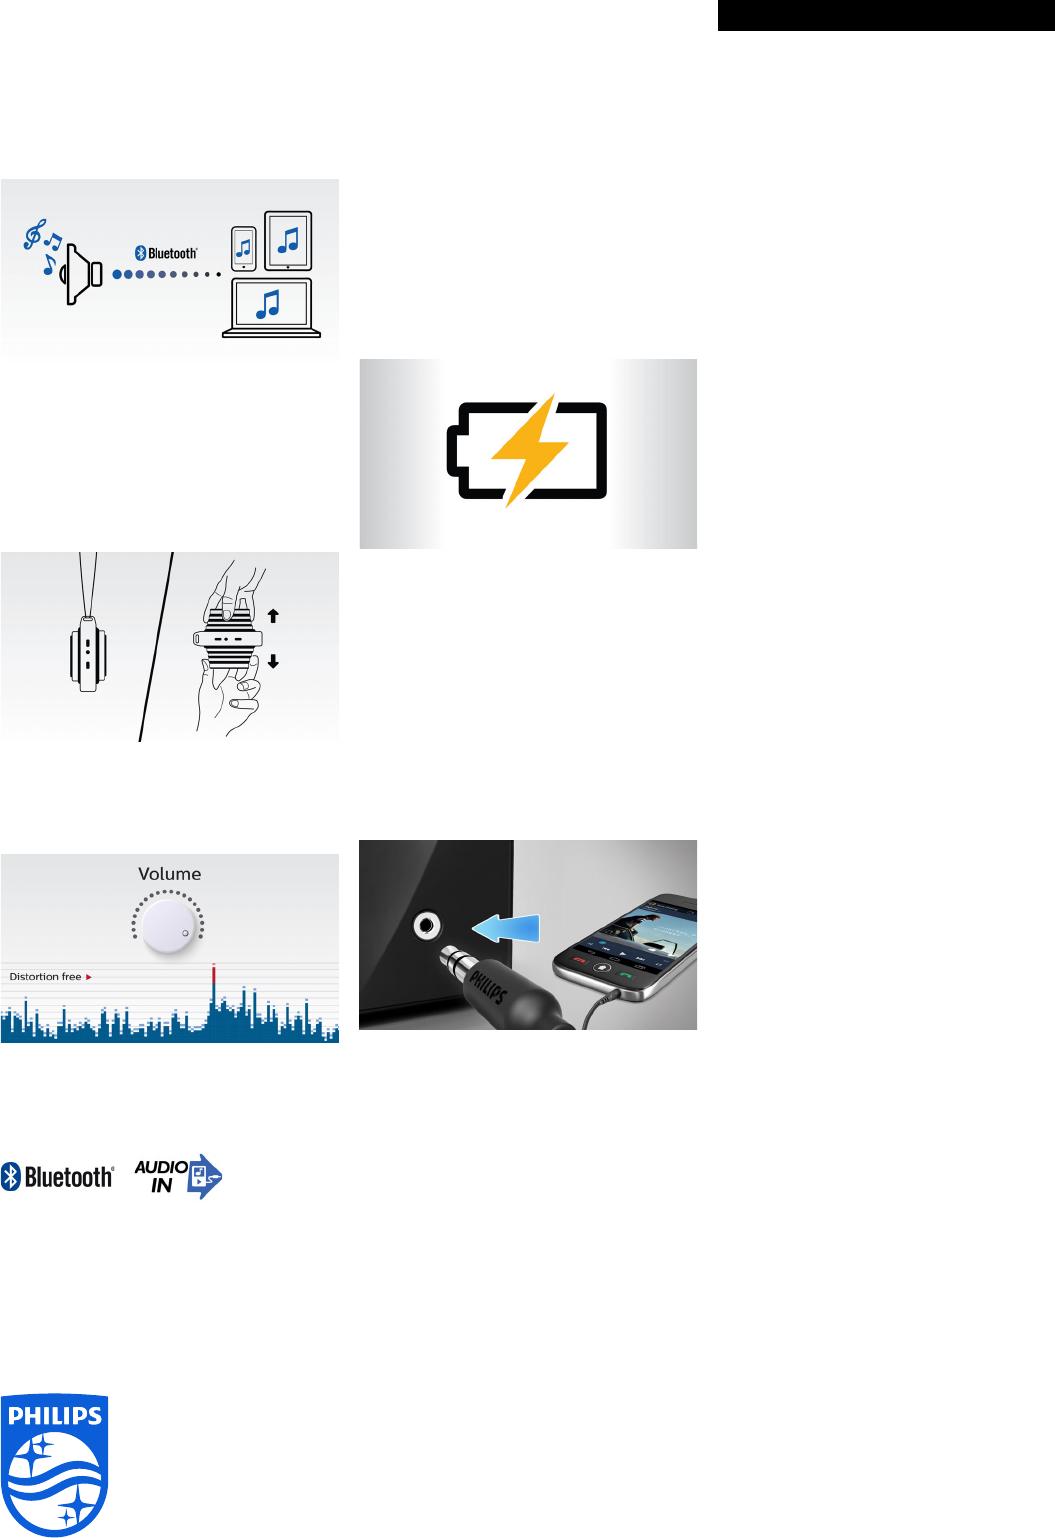 Philips BT2000B/37 Wireless Portable Speaker User Manual Leaflet ...